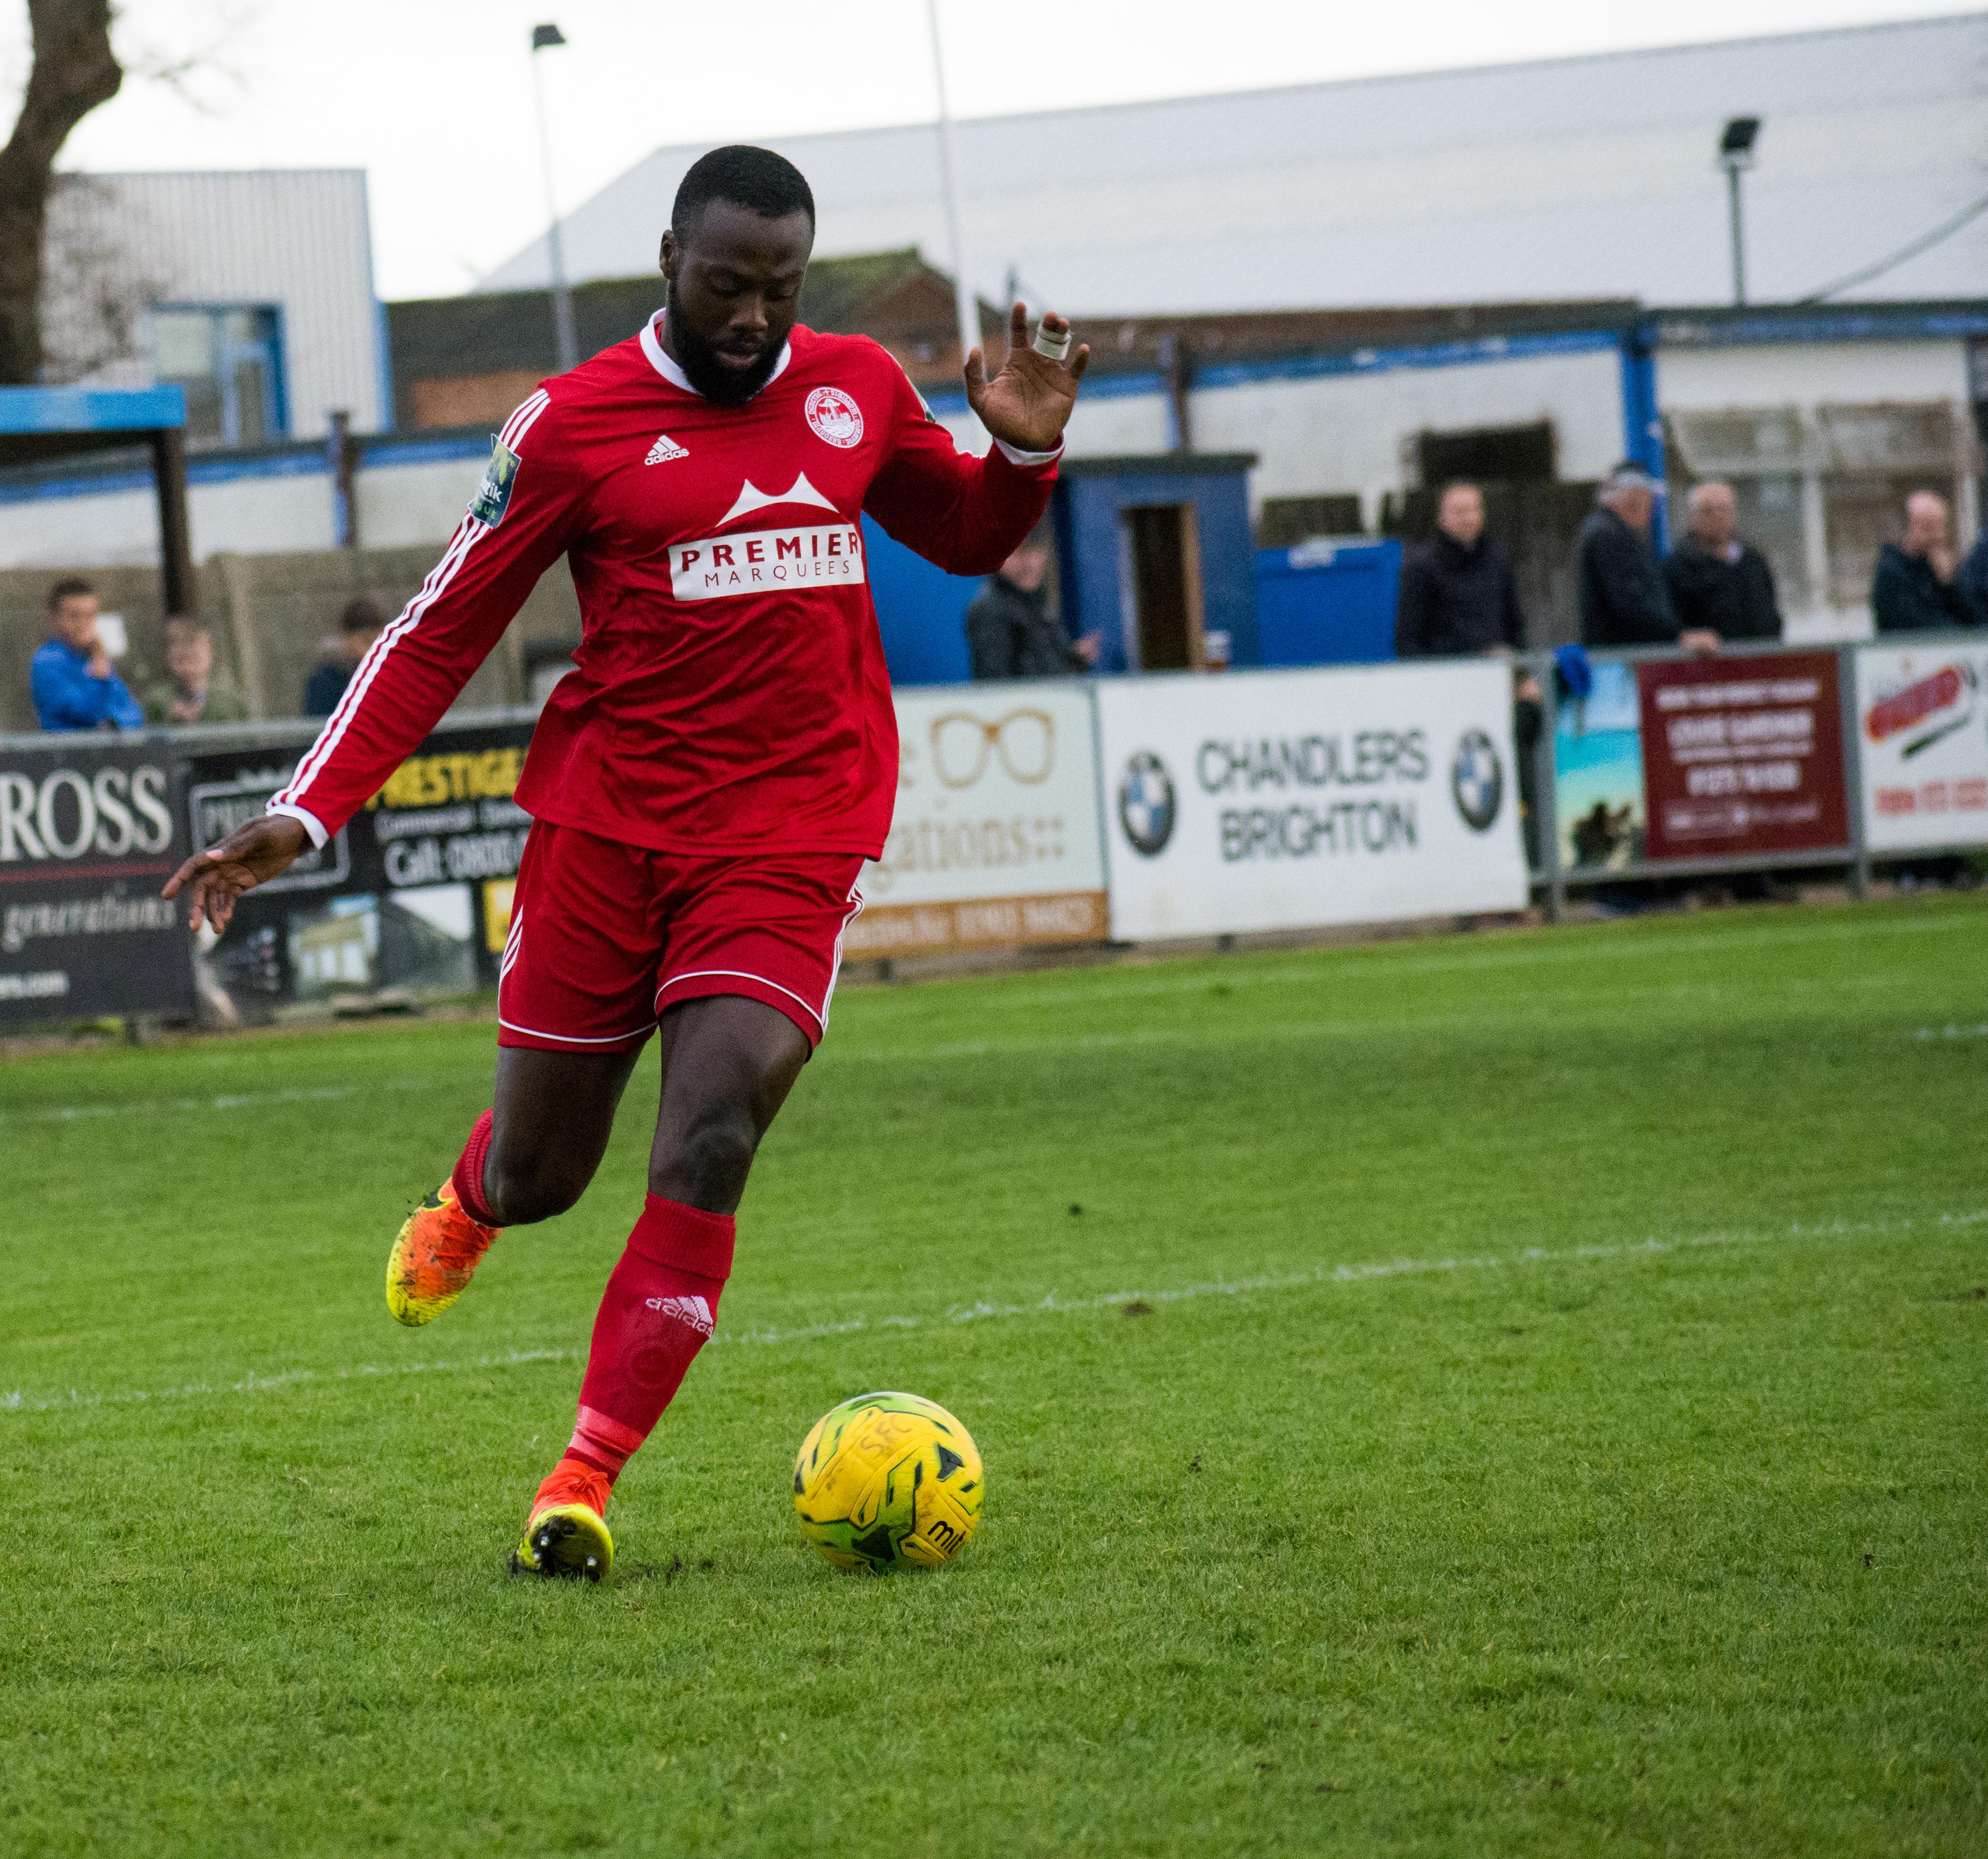 Shoreham FC vs Hythe Town 11.11.17 28